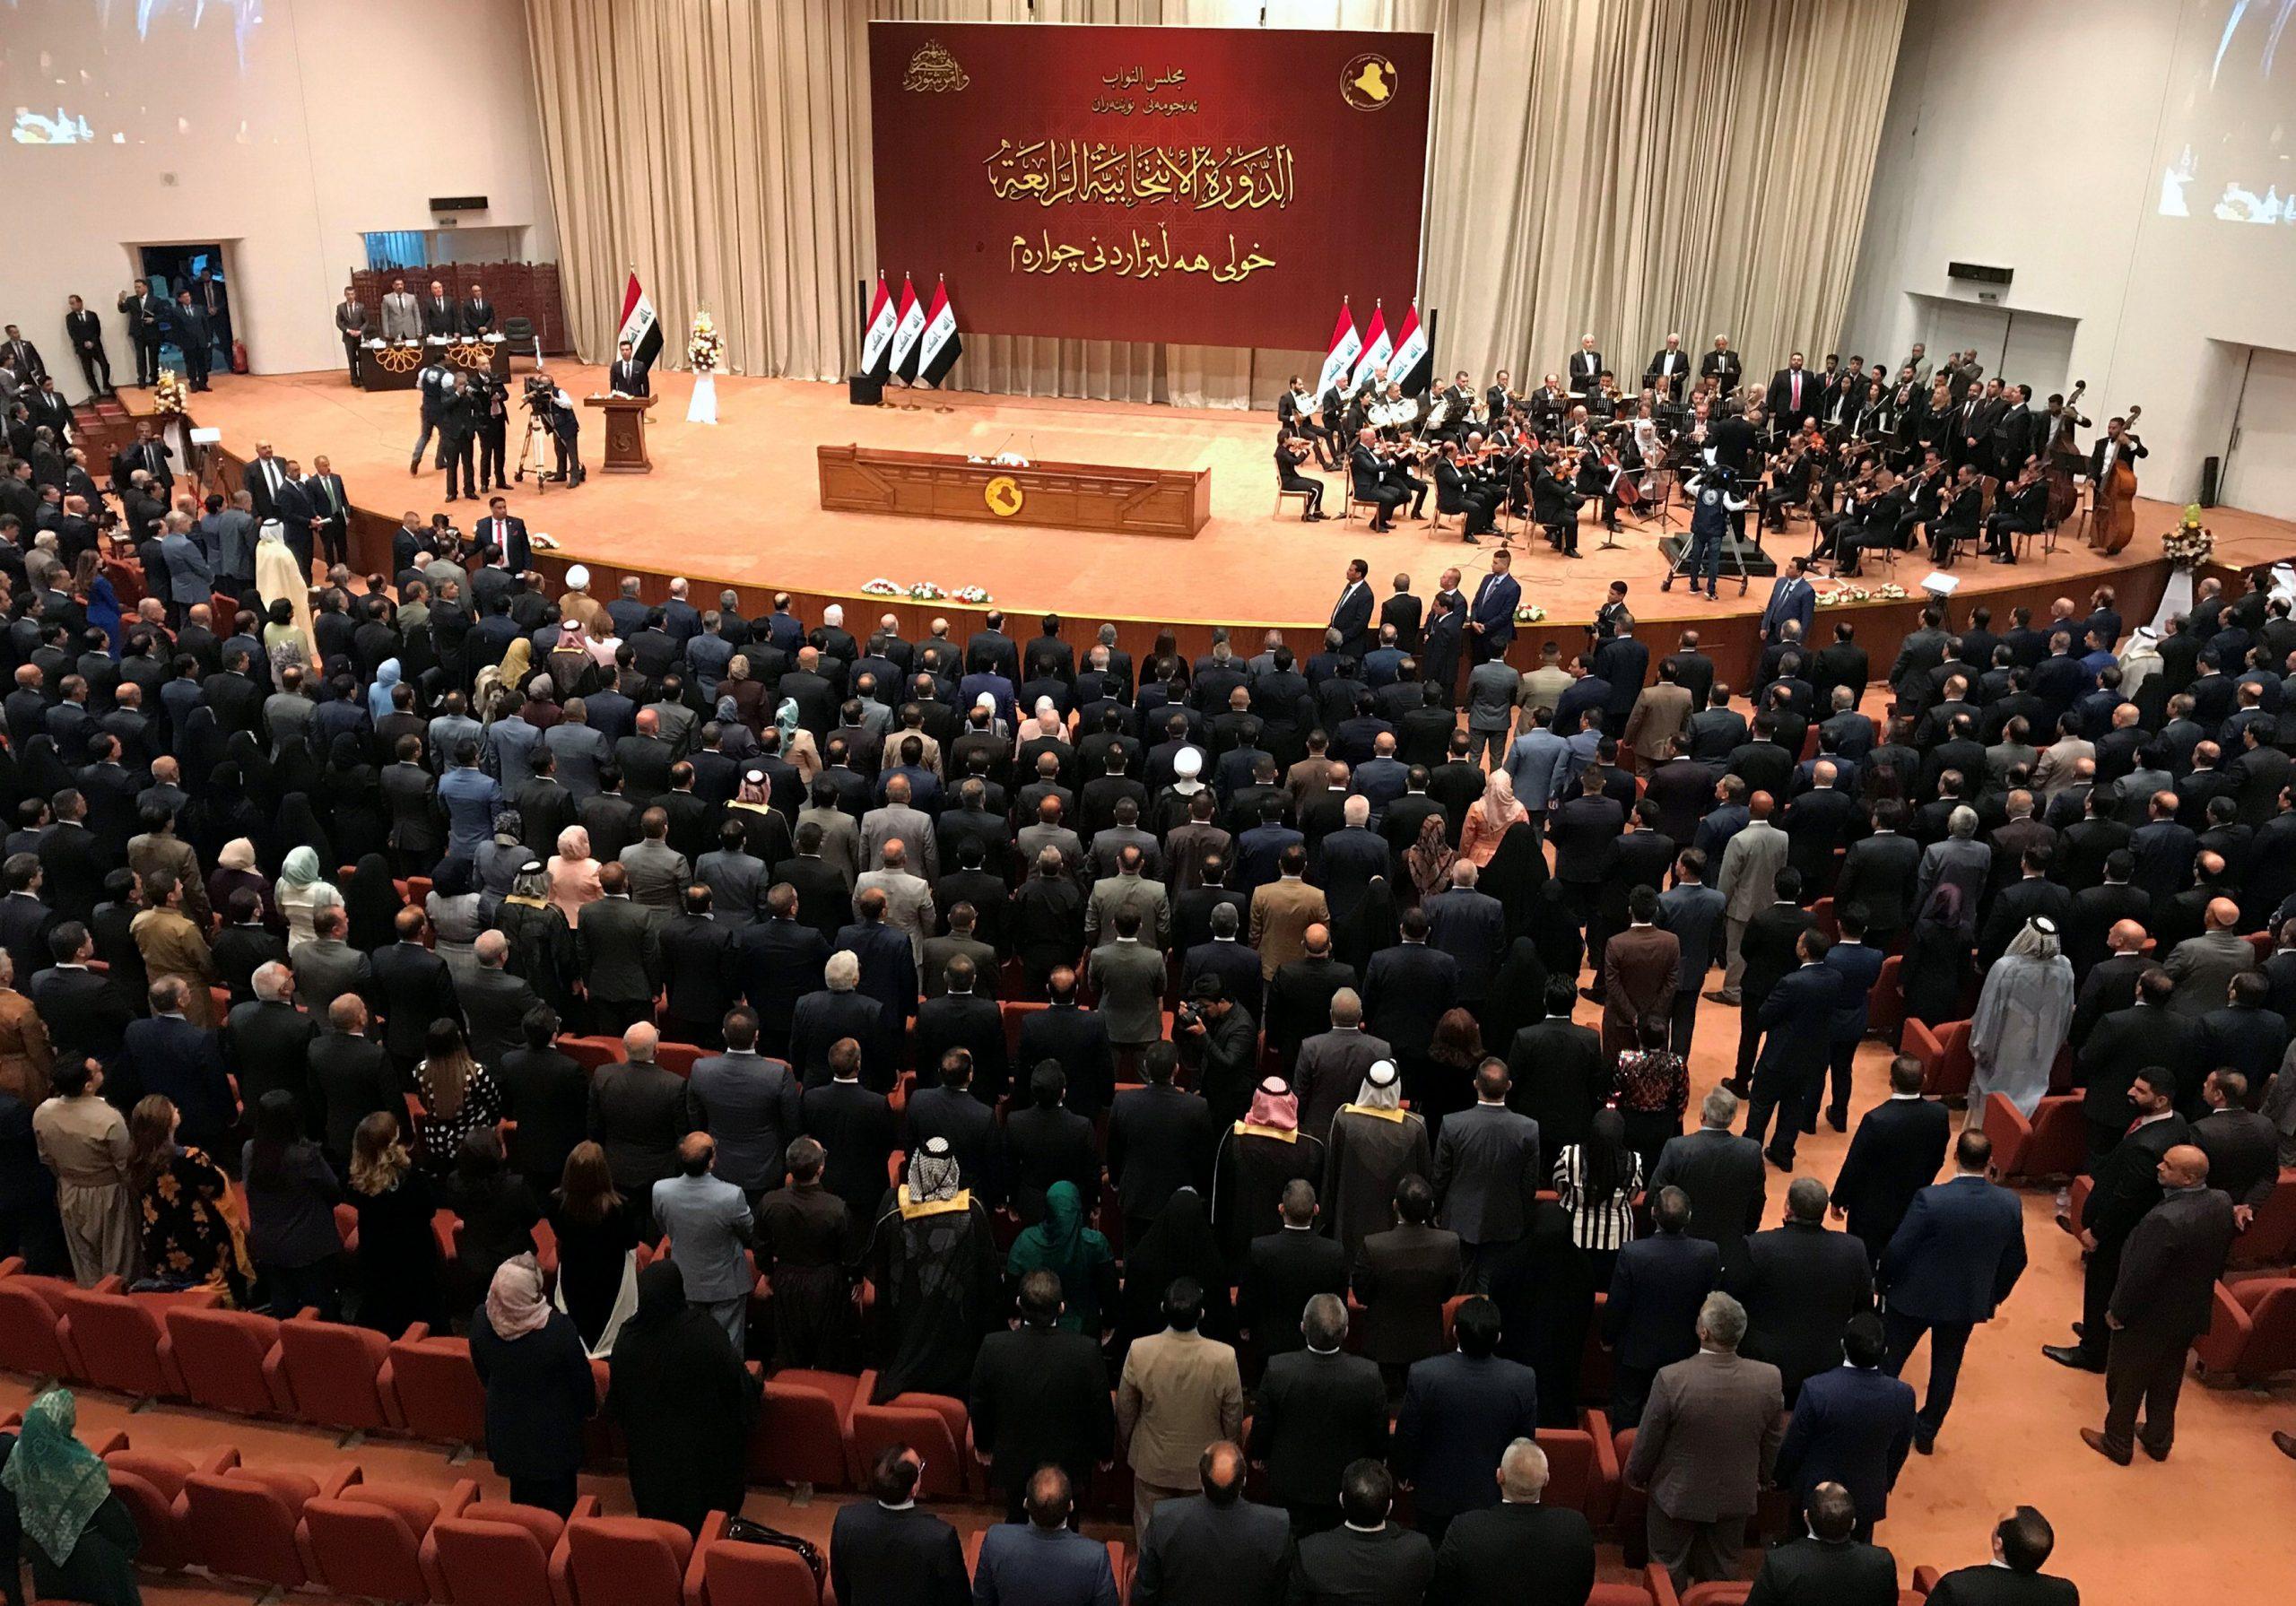 البرلمان-العراقي-scaled